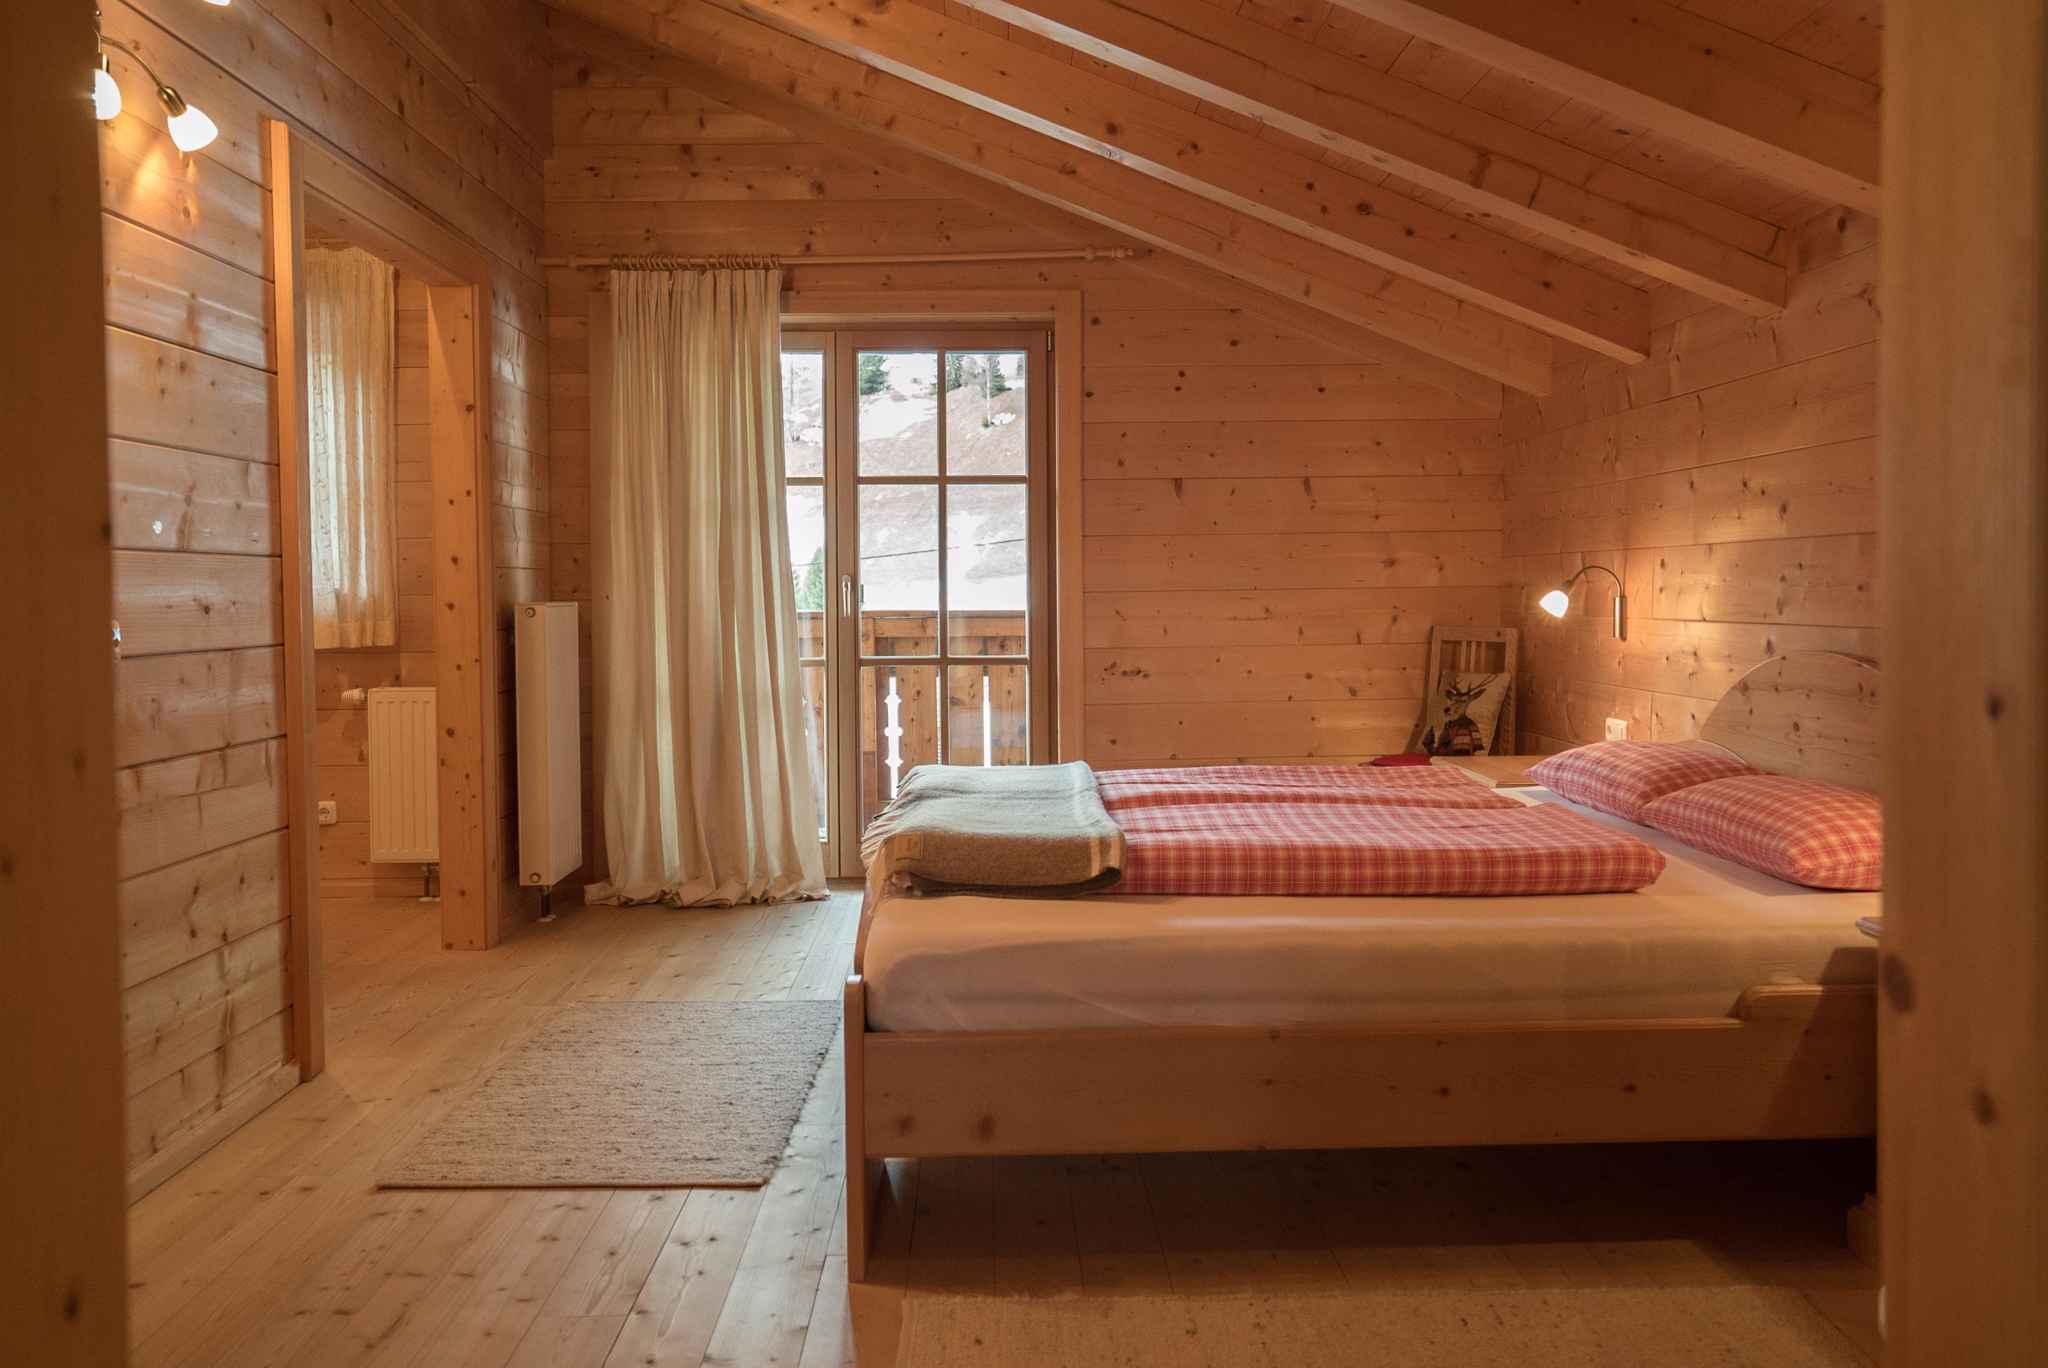 Ferienhaus mit Balkon (957047), Außervillgraten, Osttirol, Tirol, Österreich, Bild 26